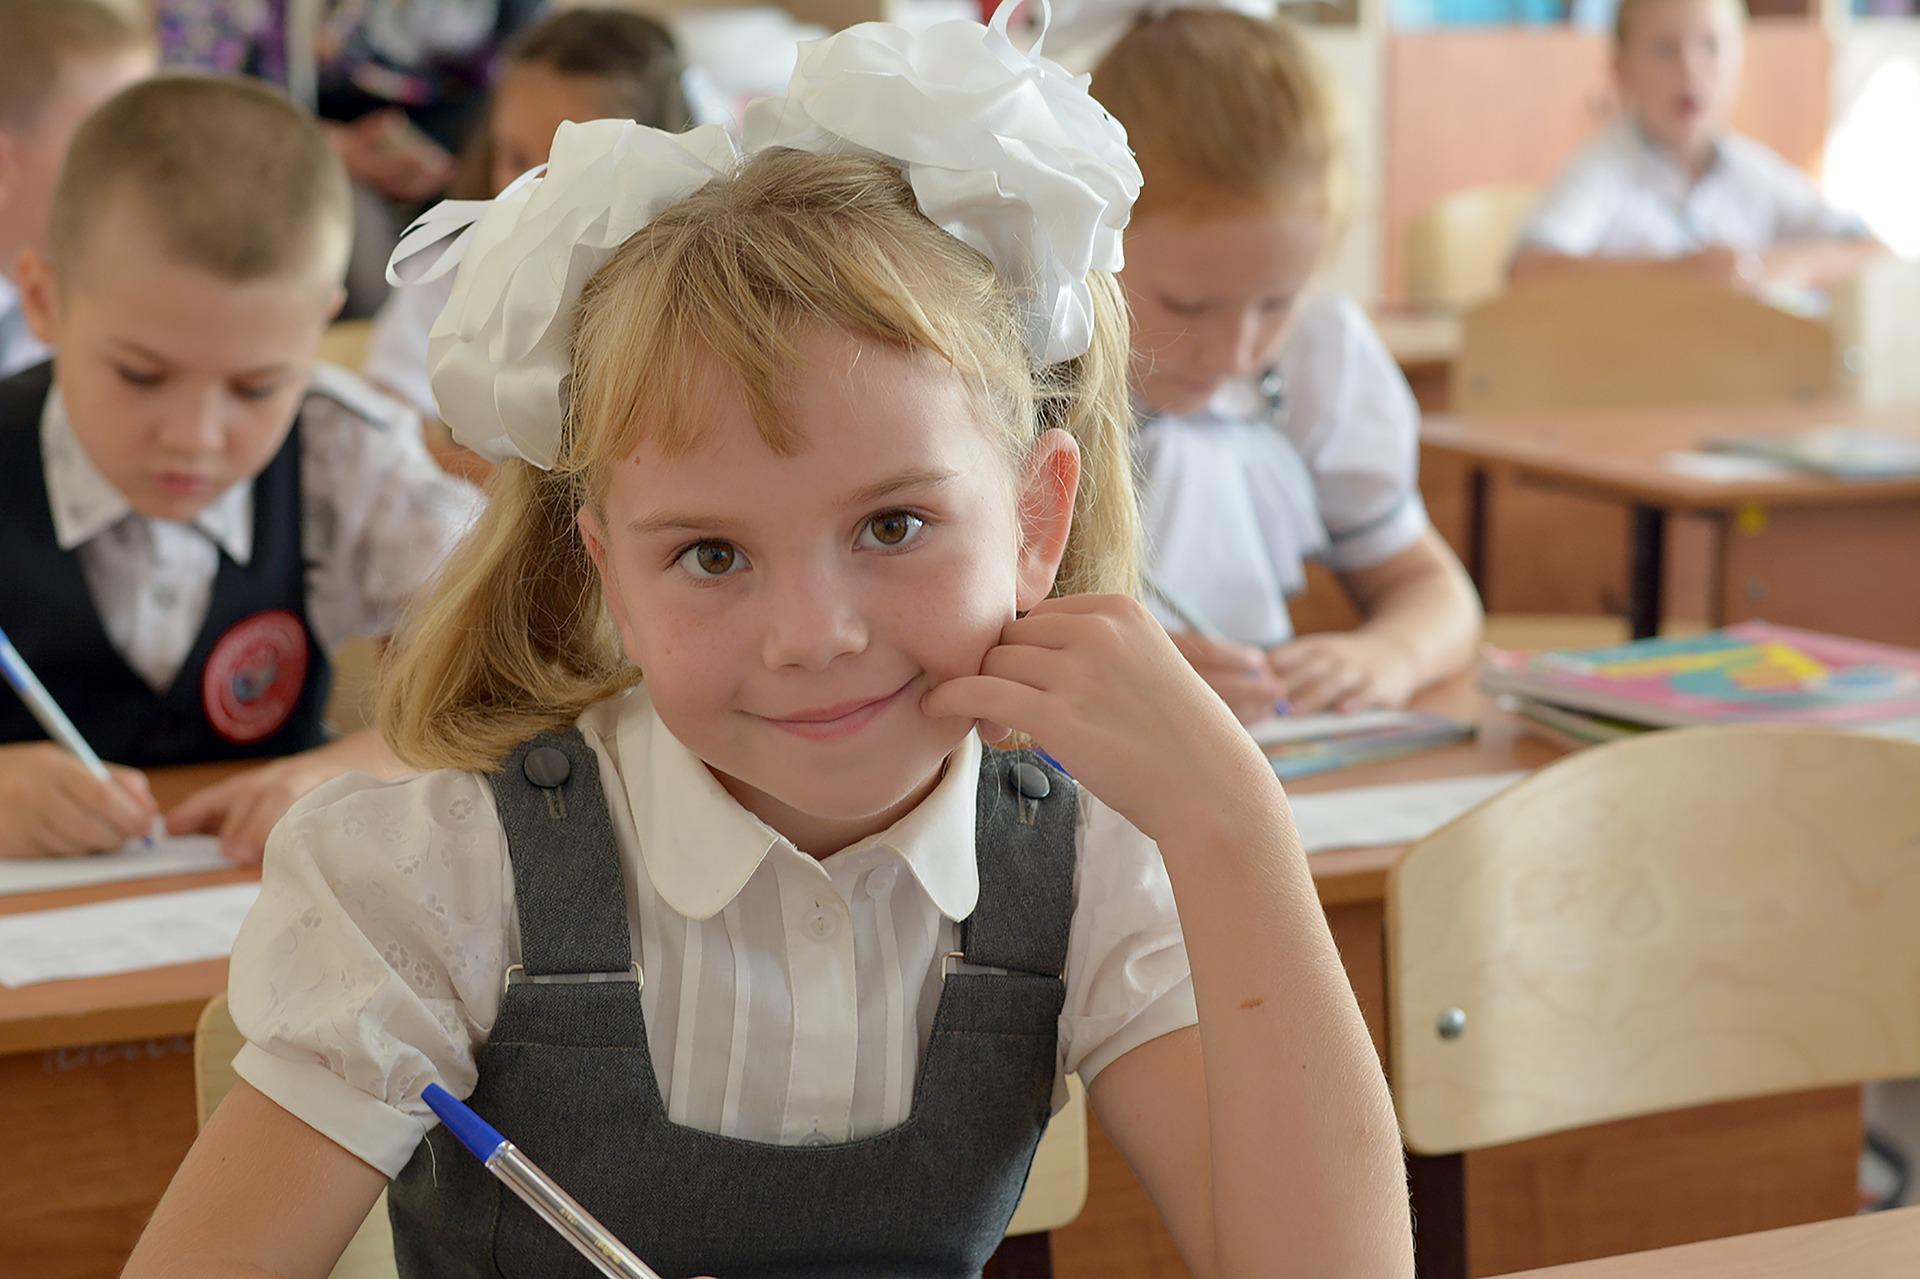 Captação de alunos: como alavancar o número de matrículas usando plataforma de comunicação?